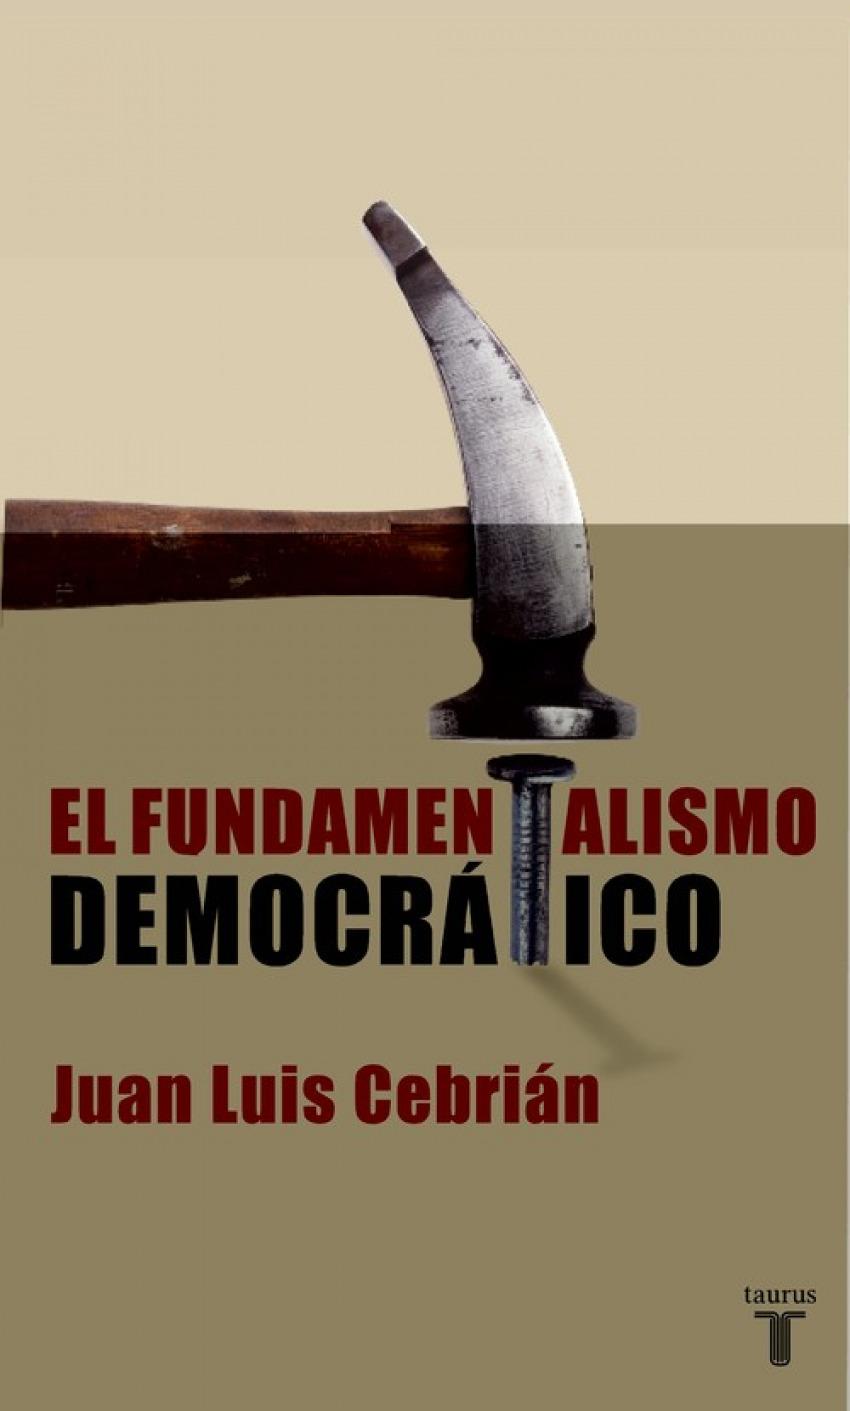 El fundamentalismo democratico